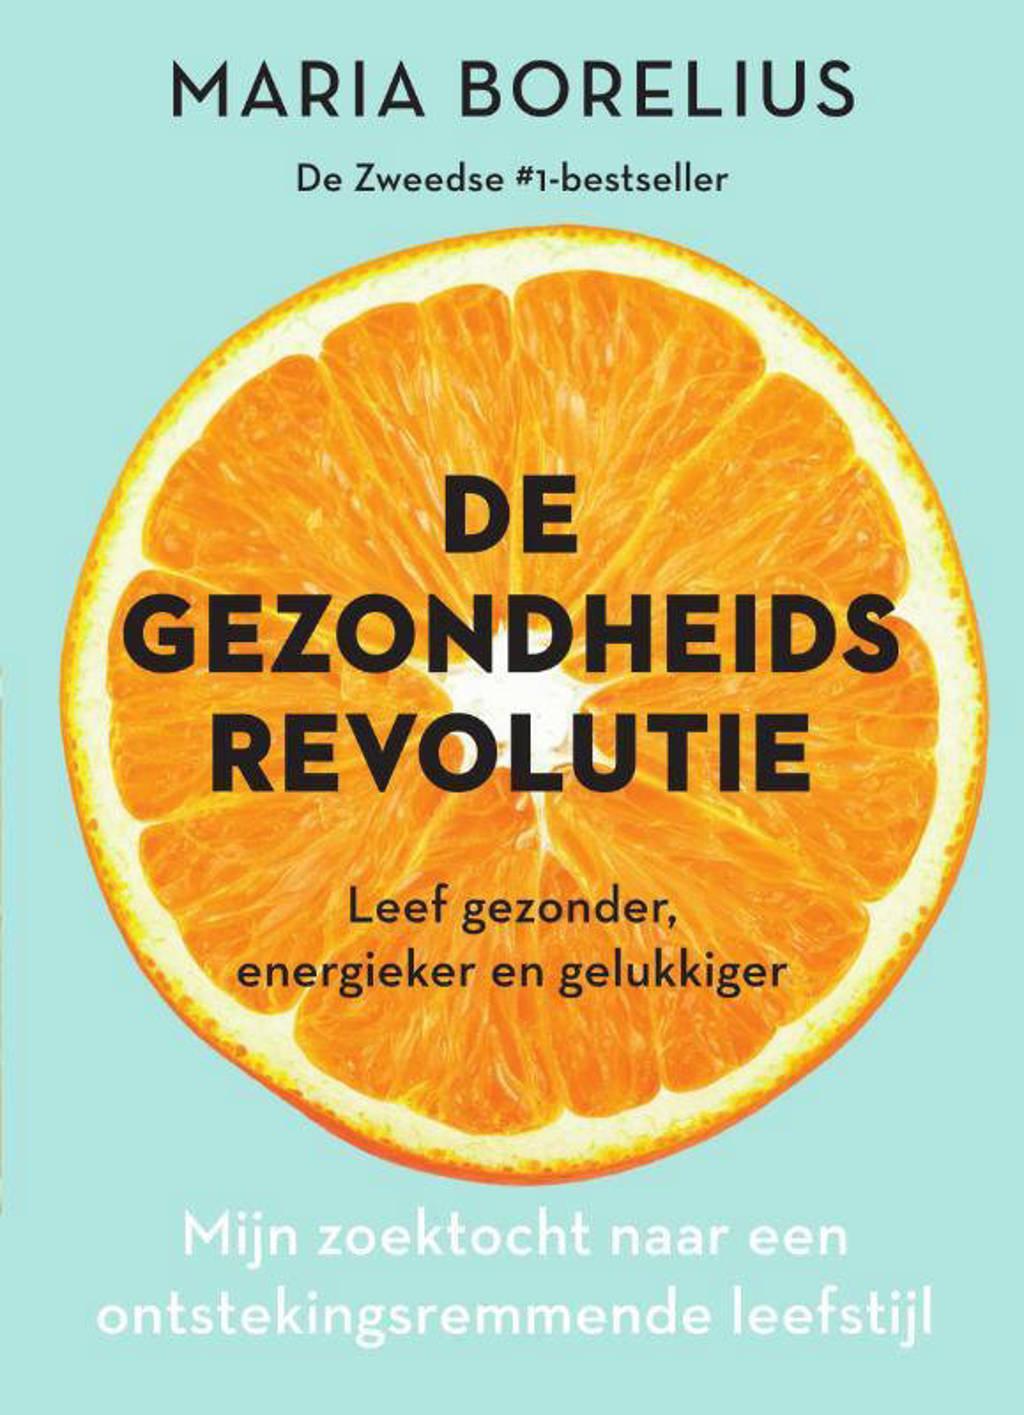 De gezondheidsrevolutie - Maria Borelius